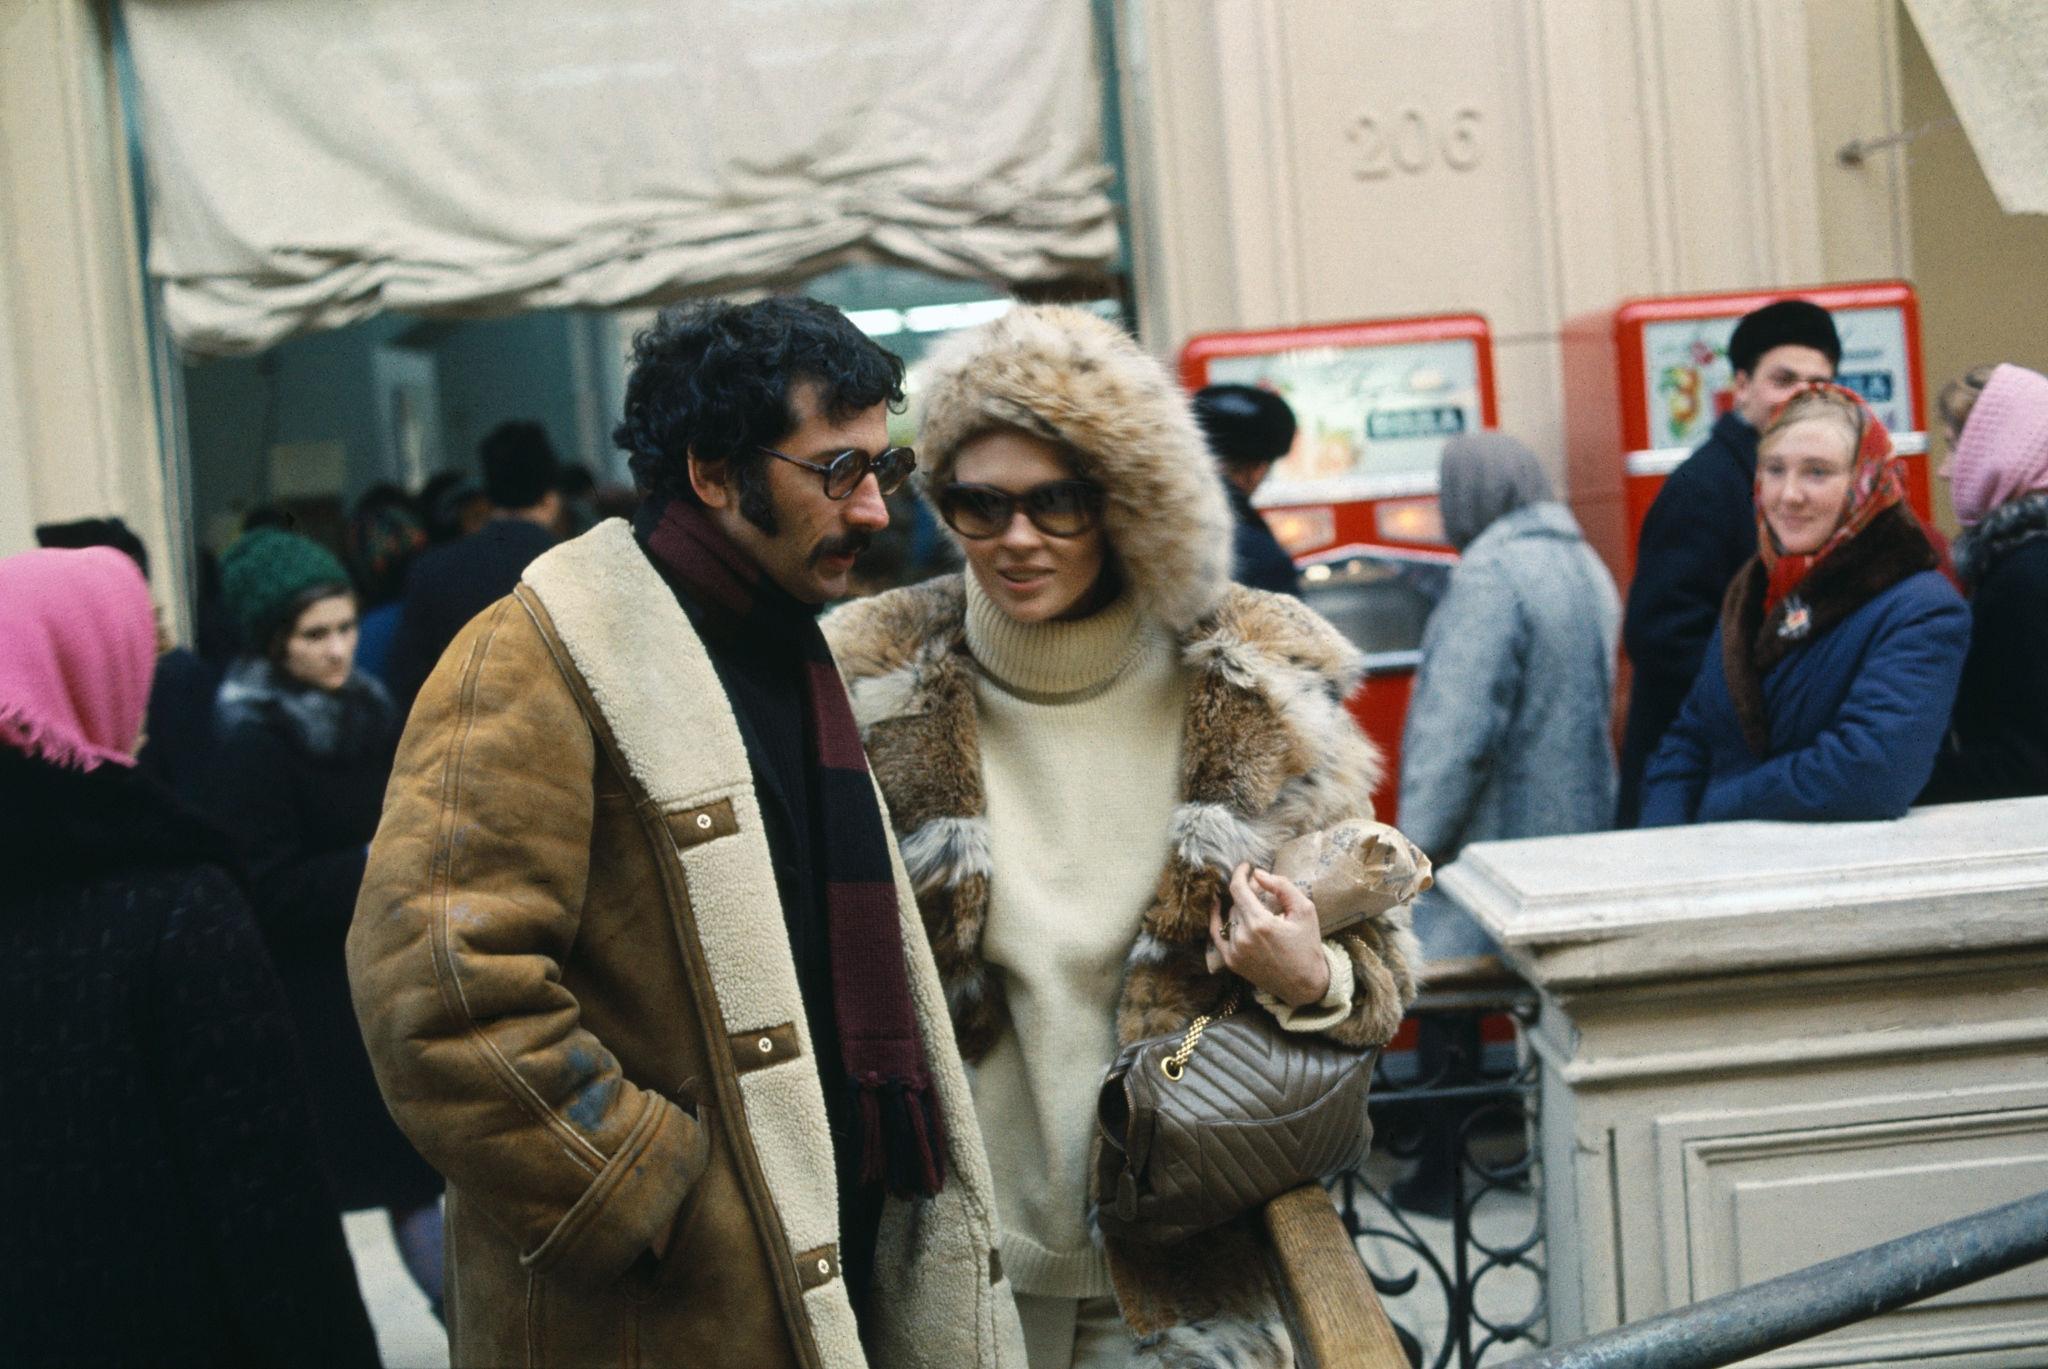 1968. Фэй Данауэй и Джерри Шацберг в ГУМе.